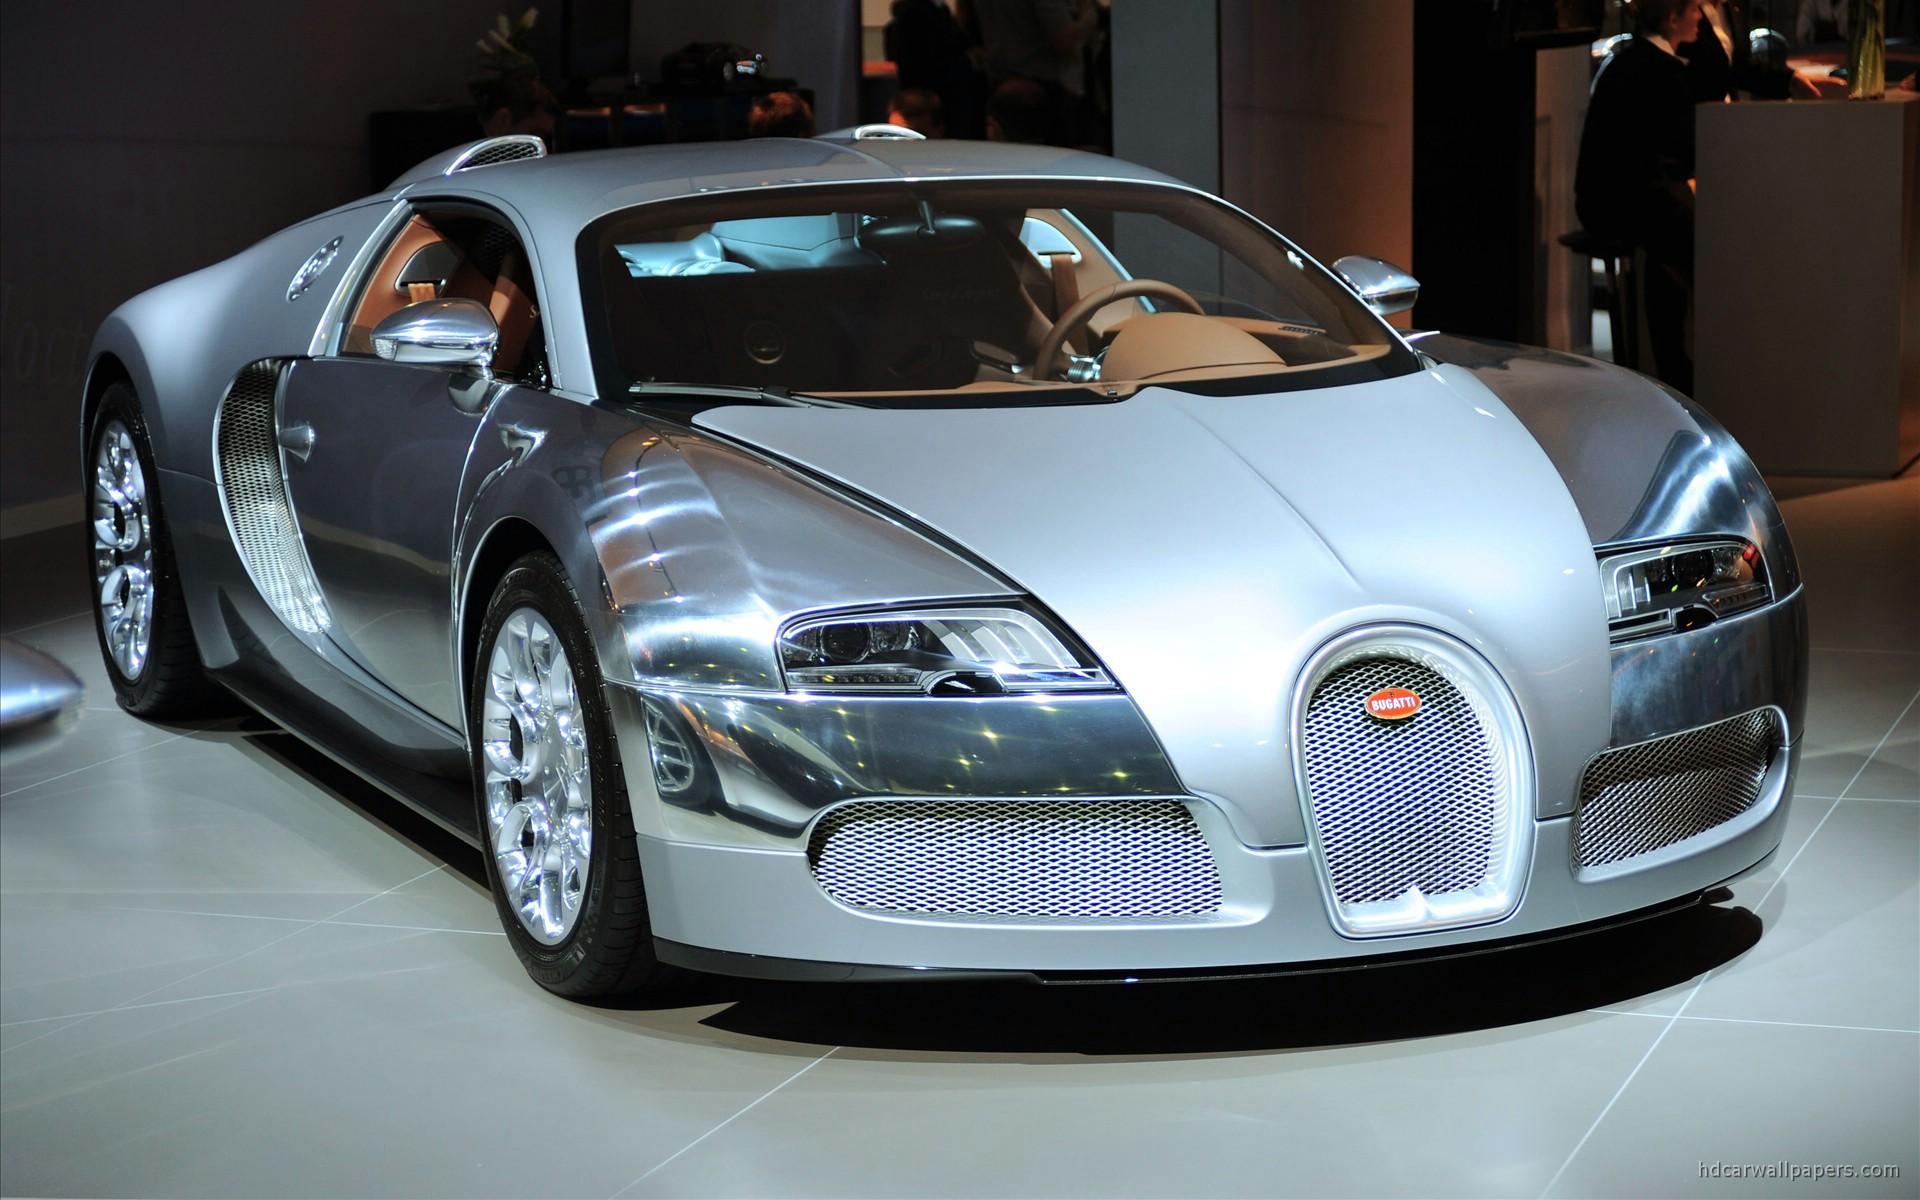 New Bugatti Veyron Wallpaper | HD Car Wallpapers | ID #554